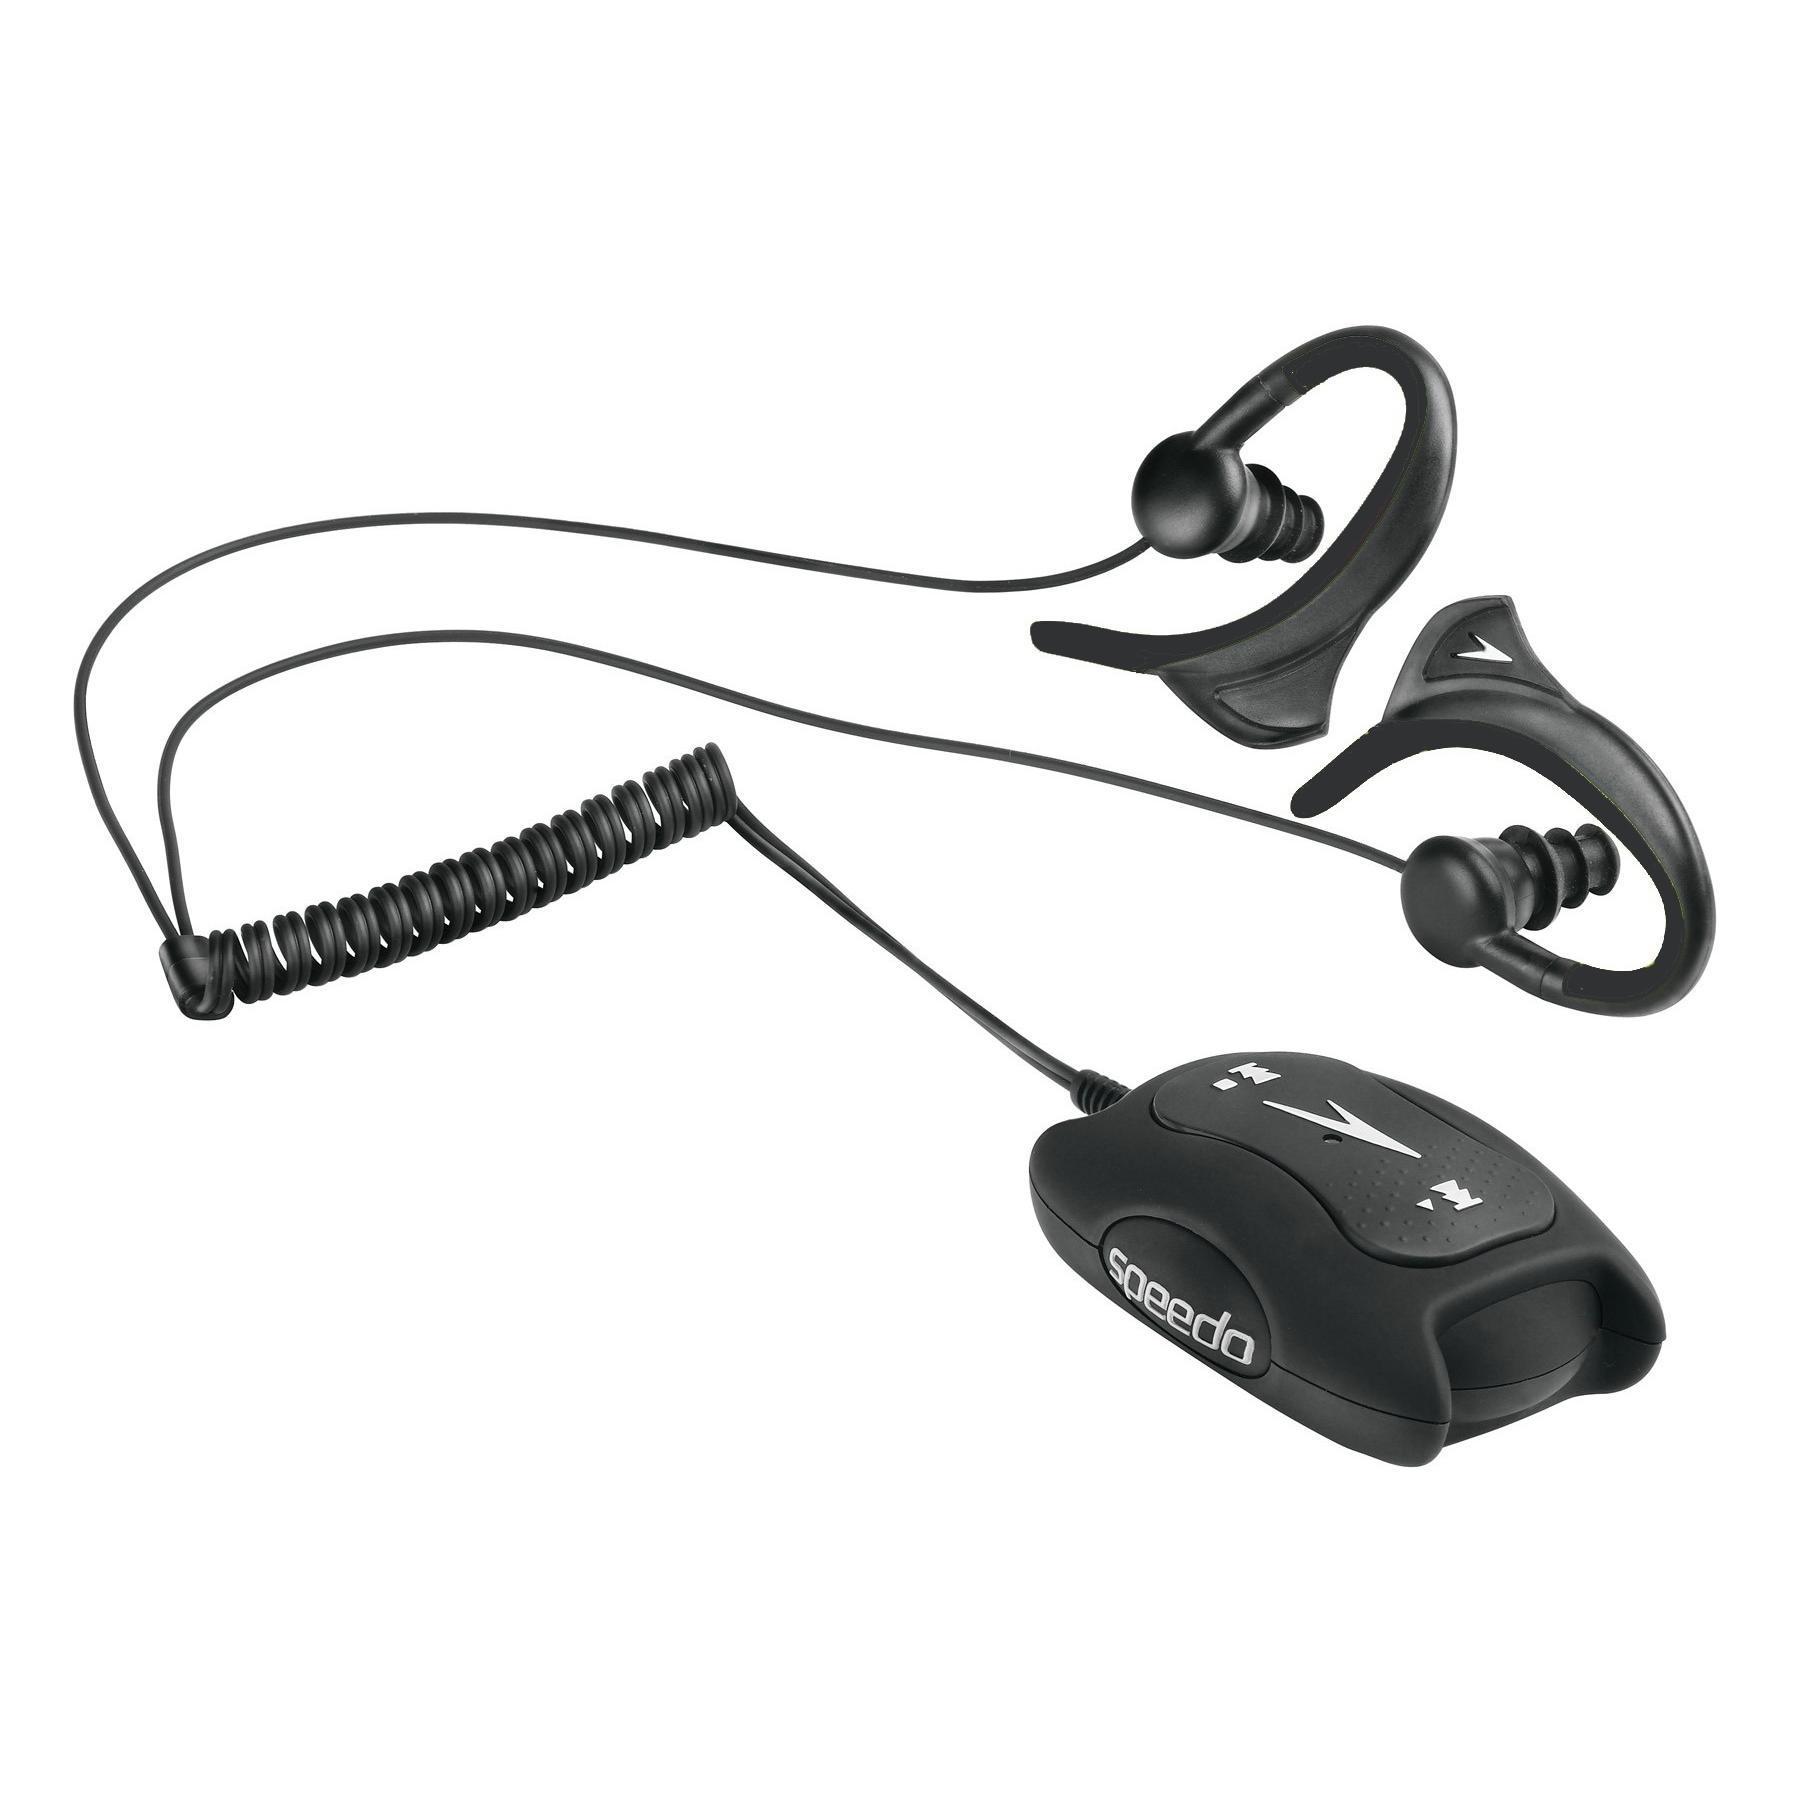 Speedo Aquabeat - Lecteur MP3 étanche 1Go